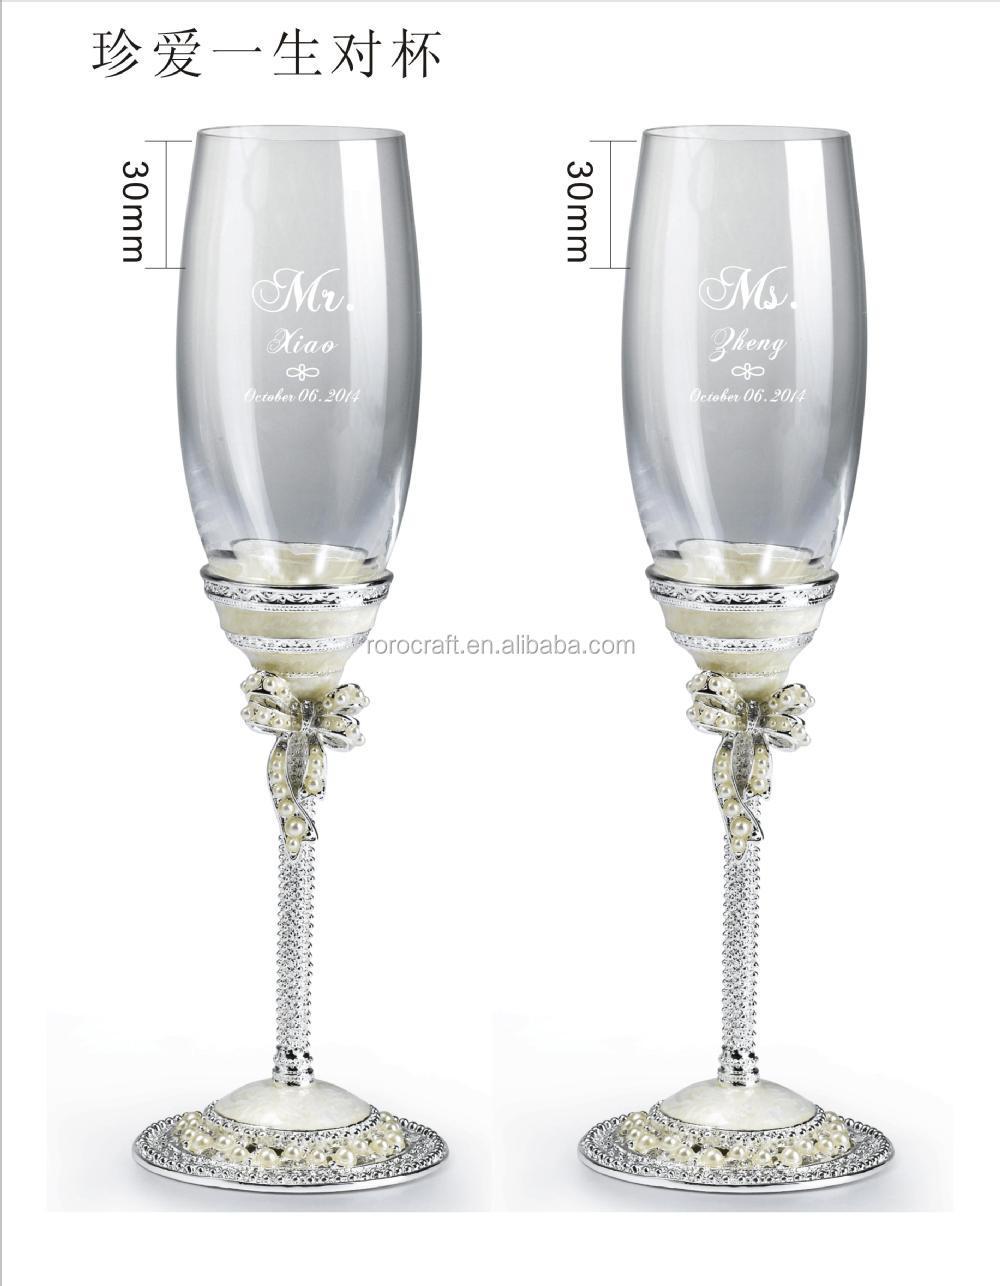 Perle de cadeau de mariage fl te champagne verre de champagne tain artisanat articles pour - Cadeau 10 ans de mariage ...